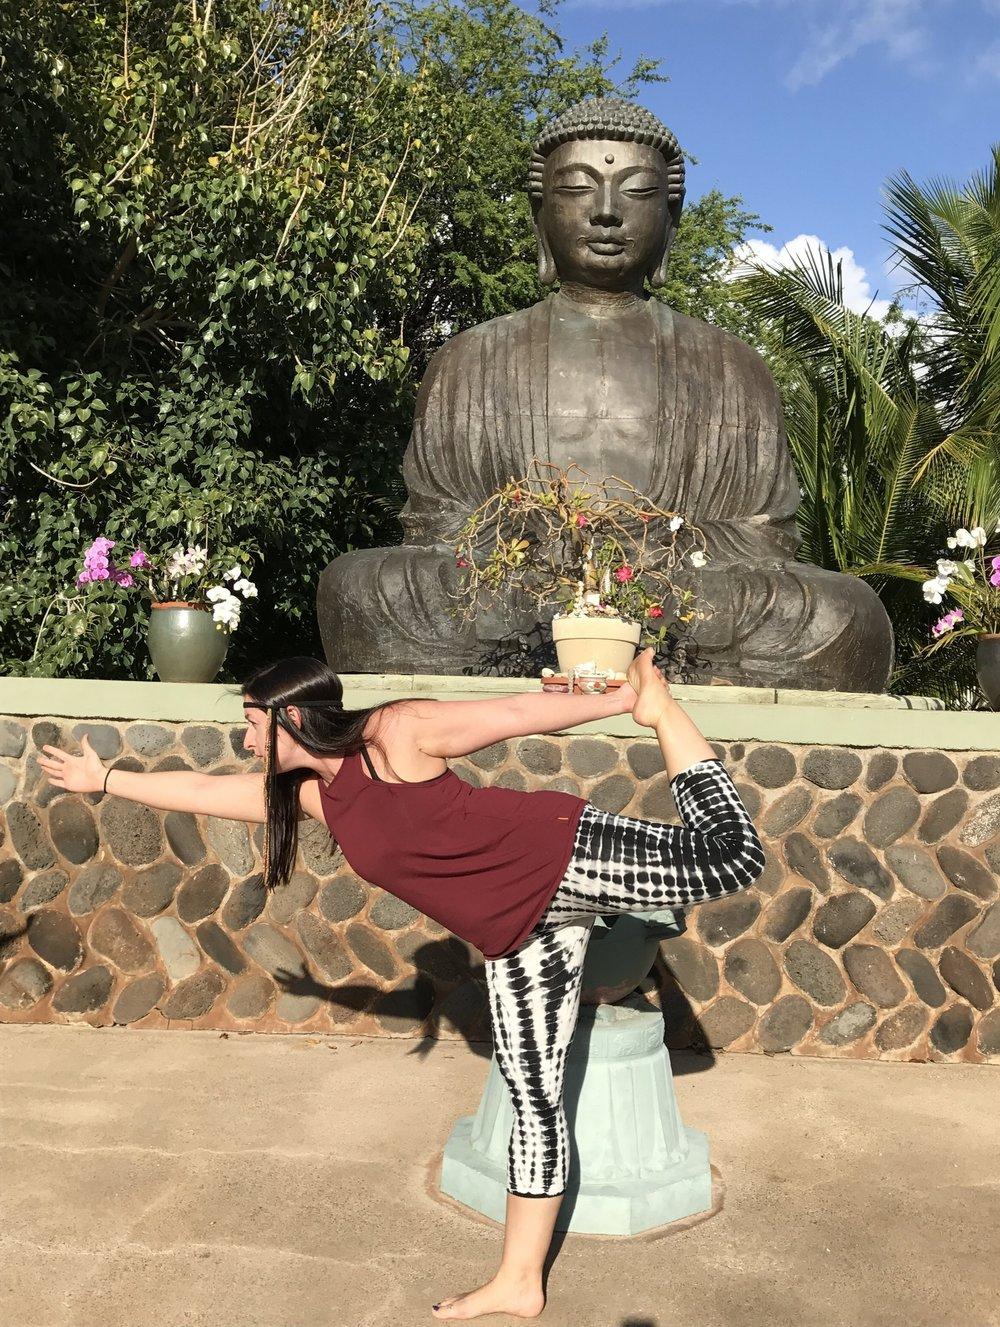 Buddha at Lahaina Jodo Mission on Maui